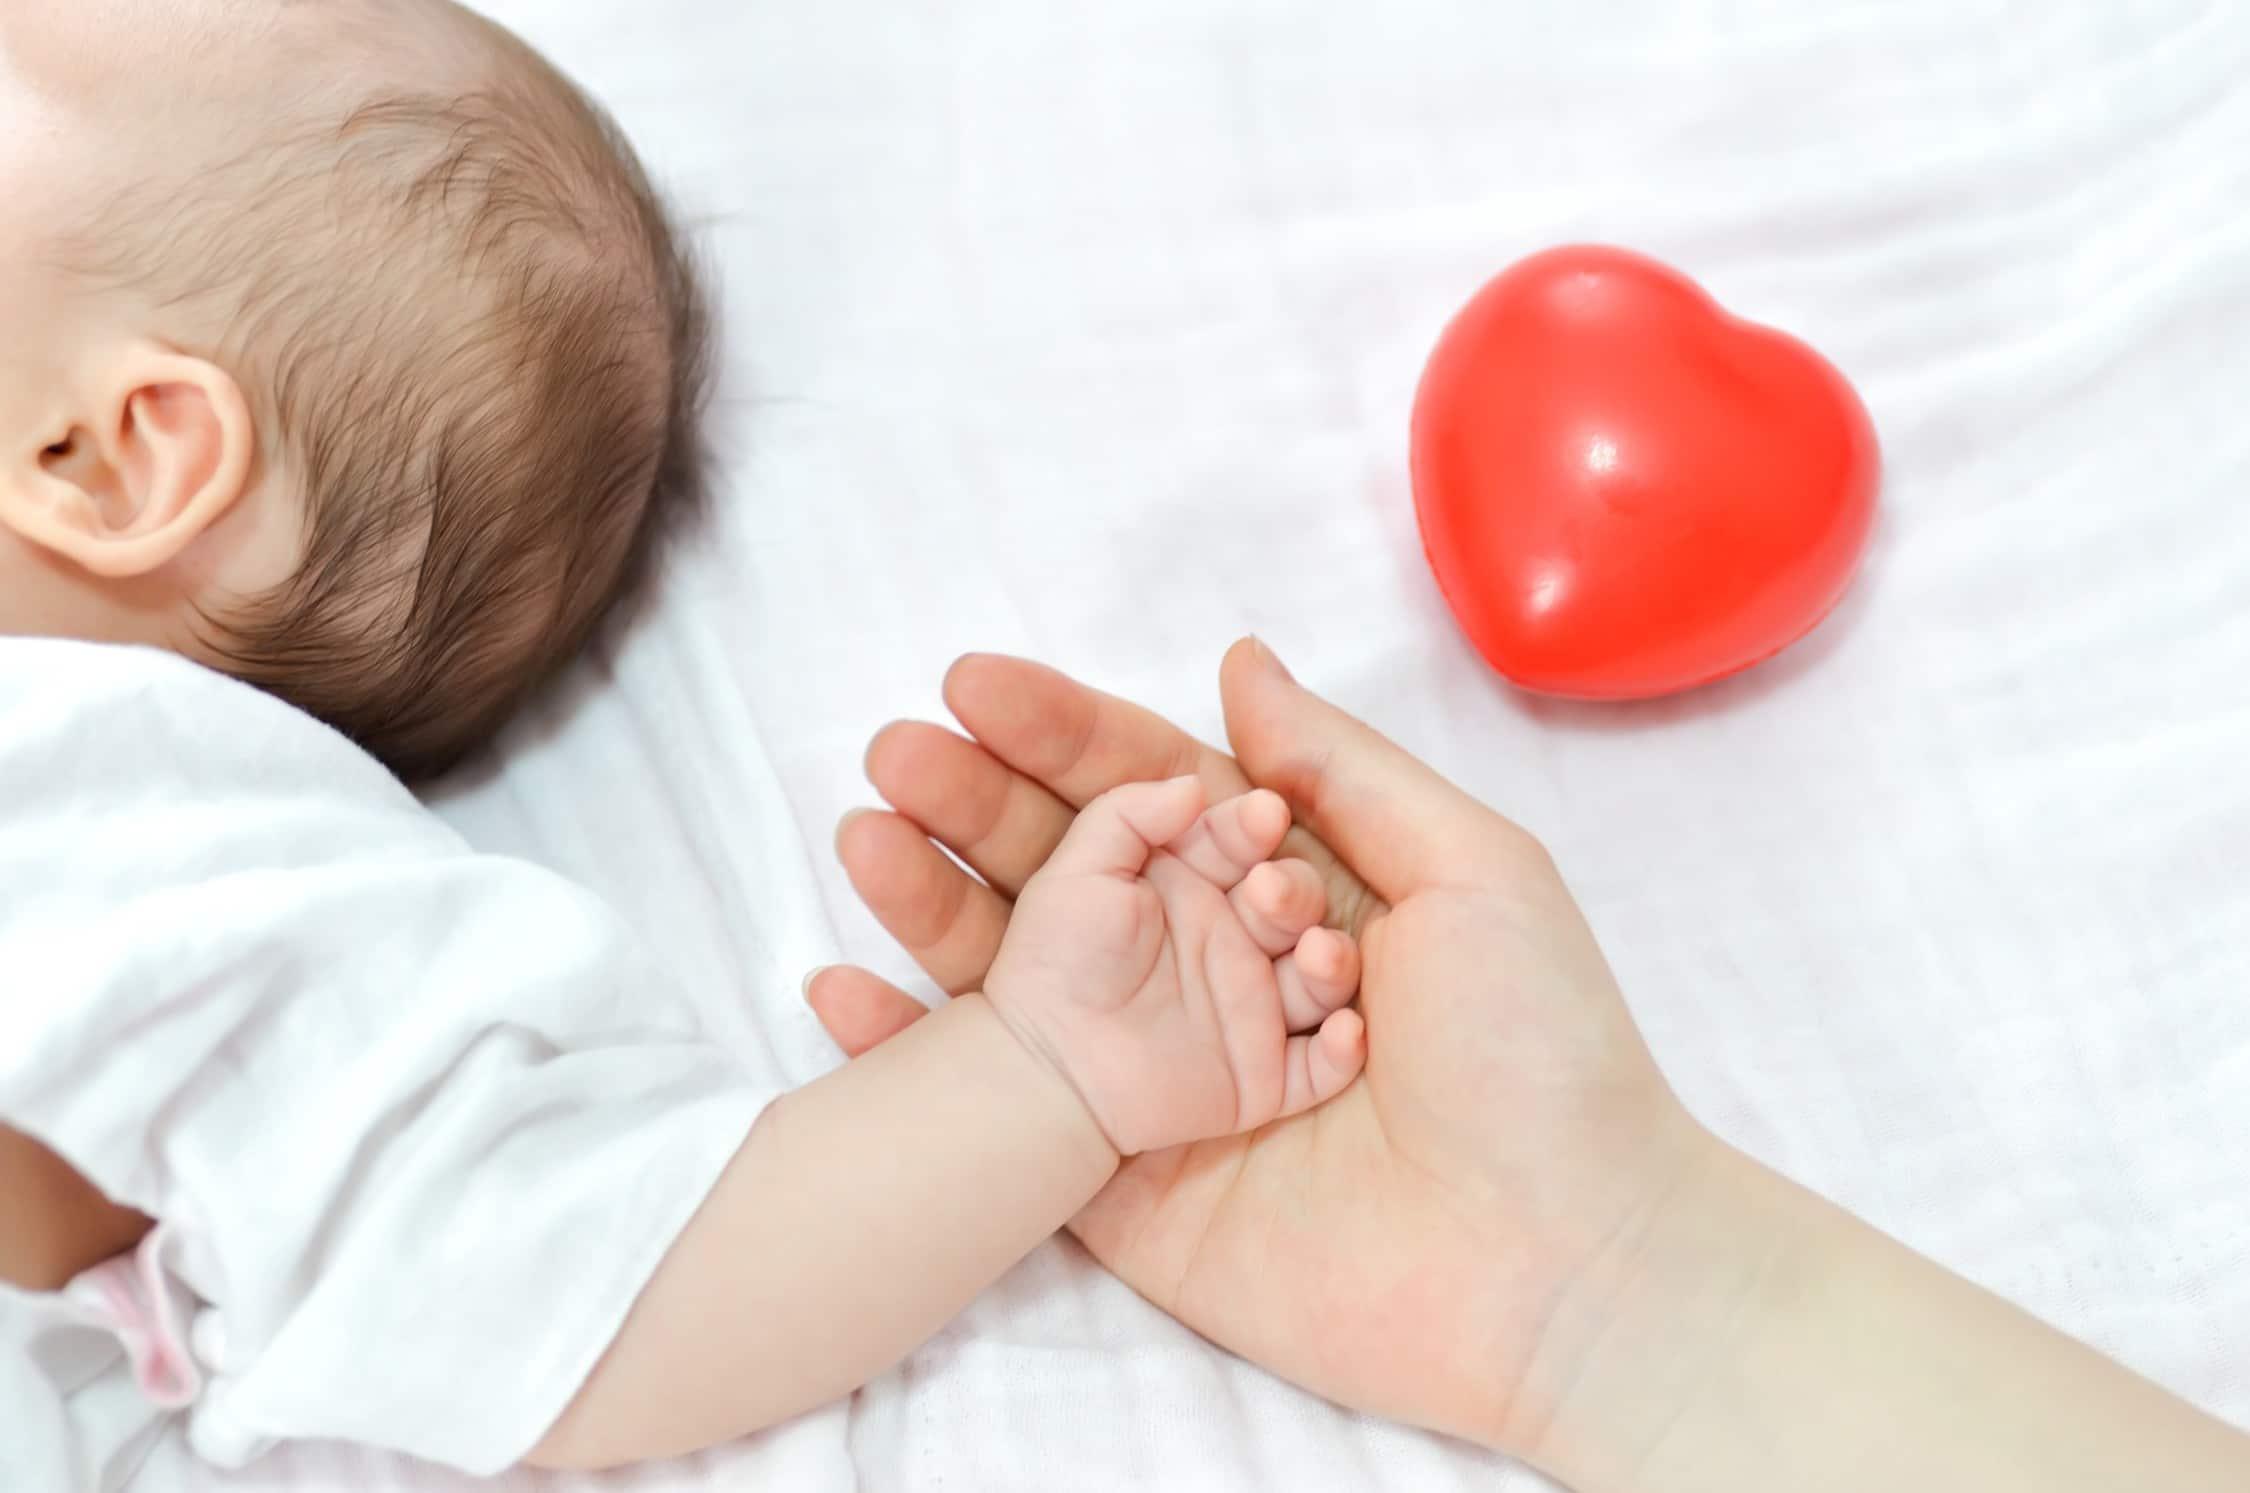 אמא ותינוק לצד בלונים ליולדת מבית מסיבלנד